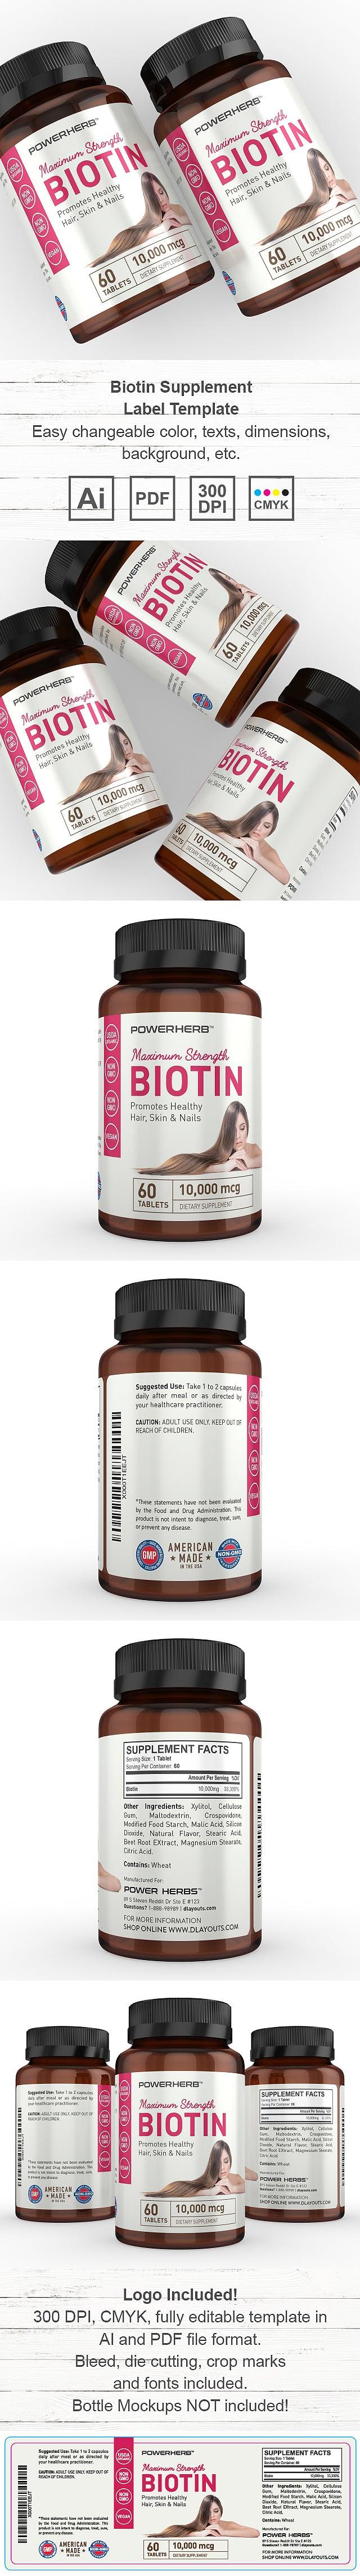 Biotin Supplement Label Template